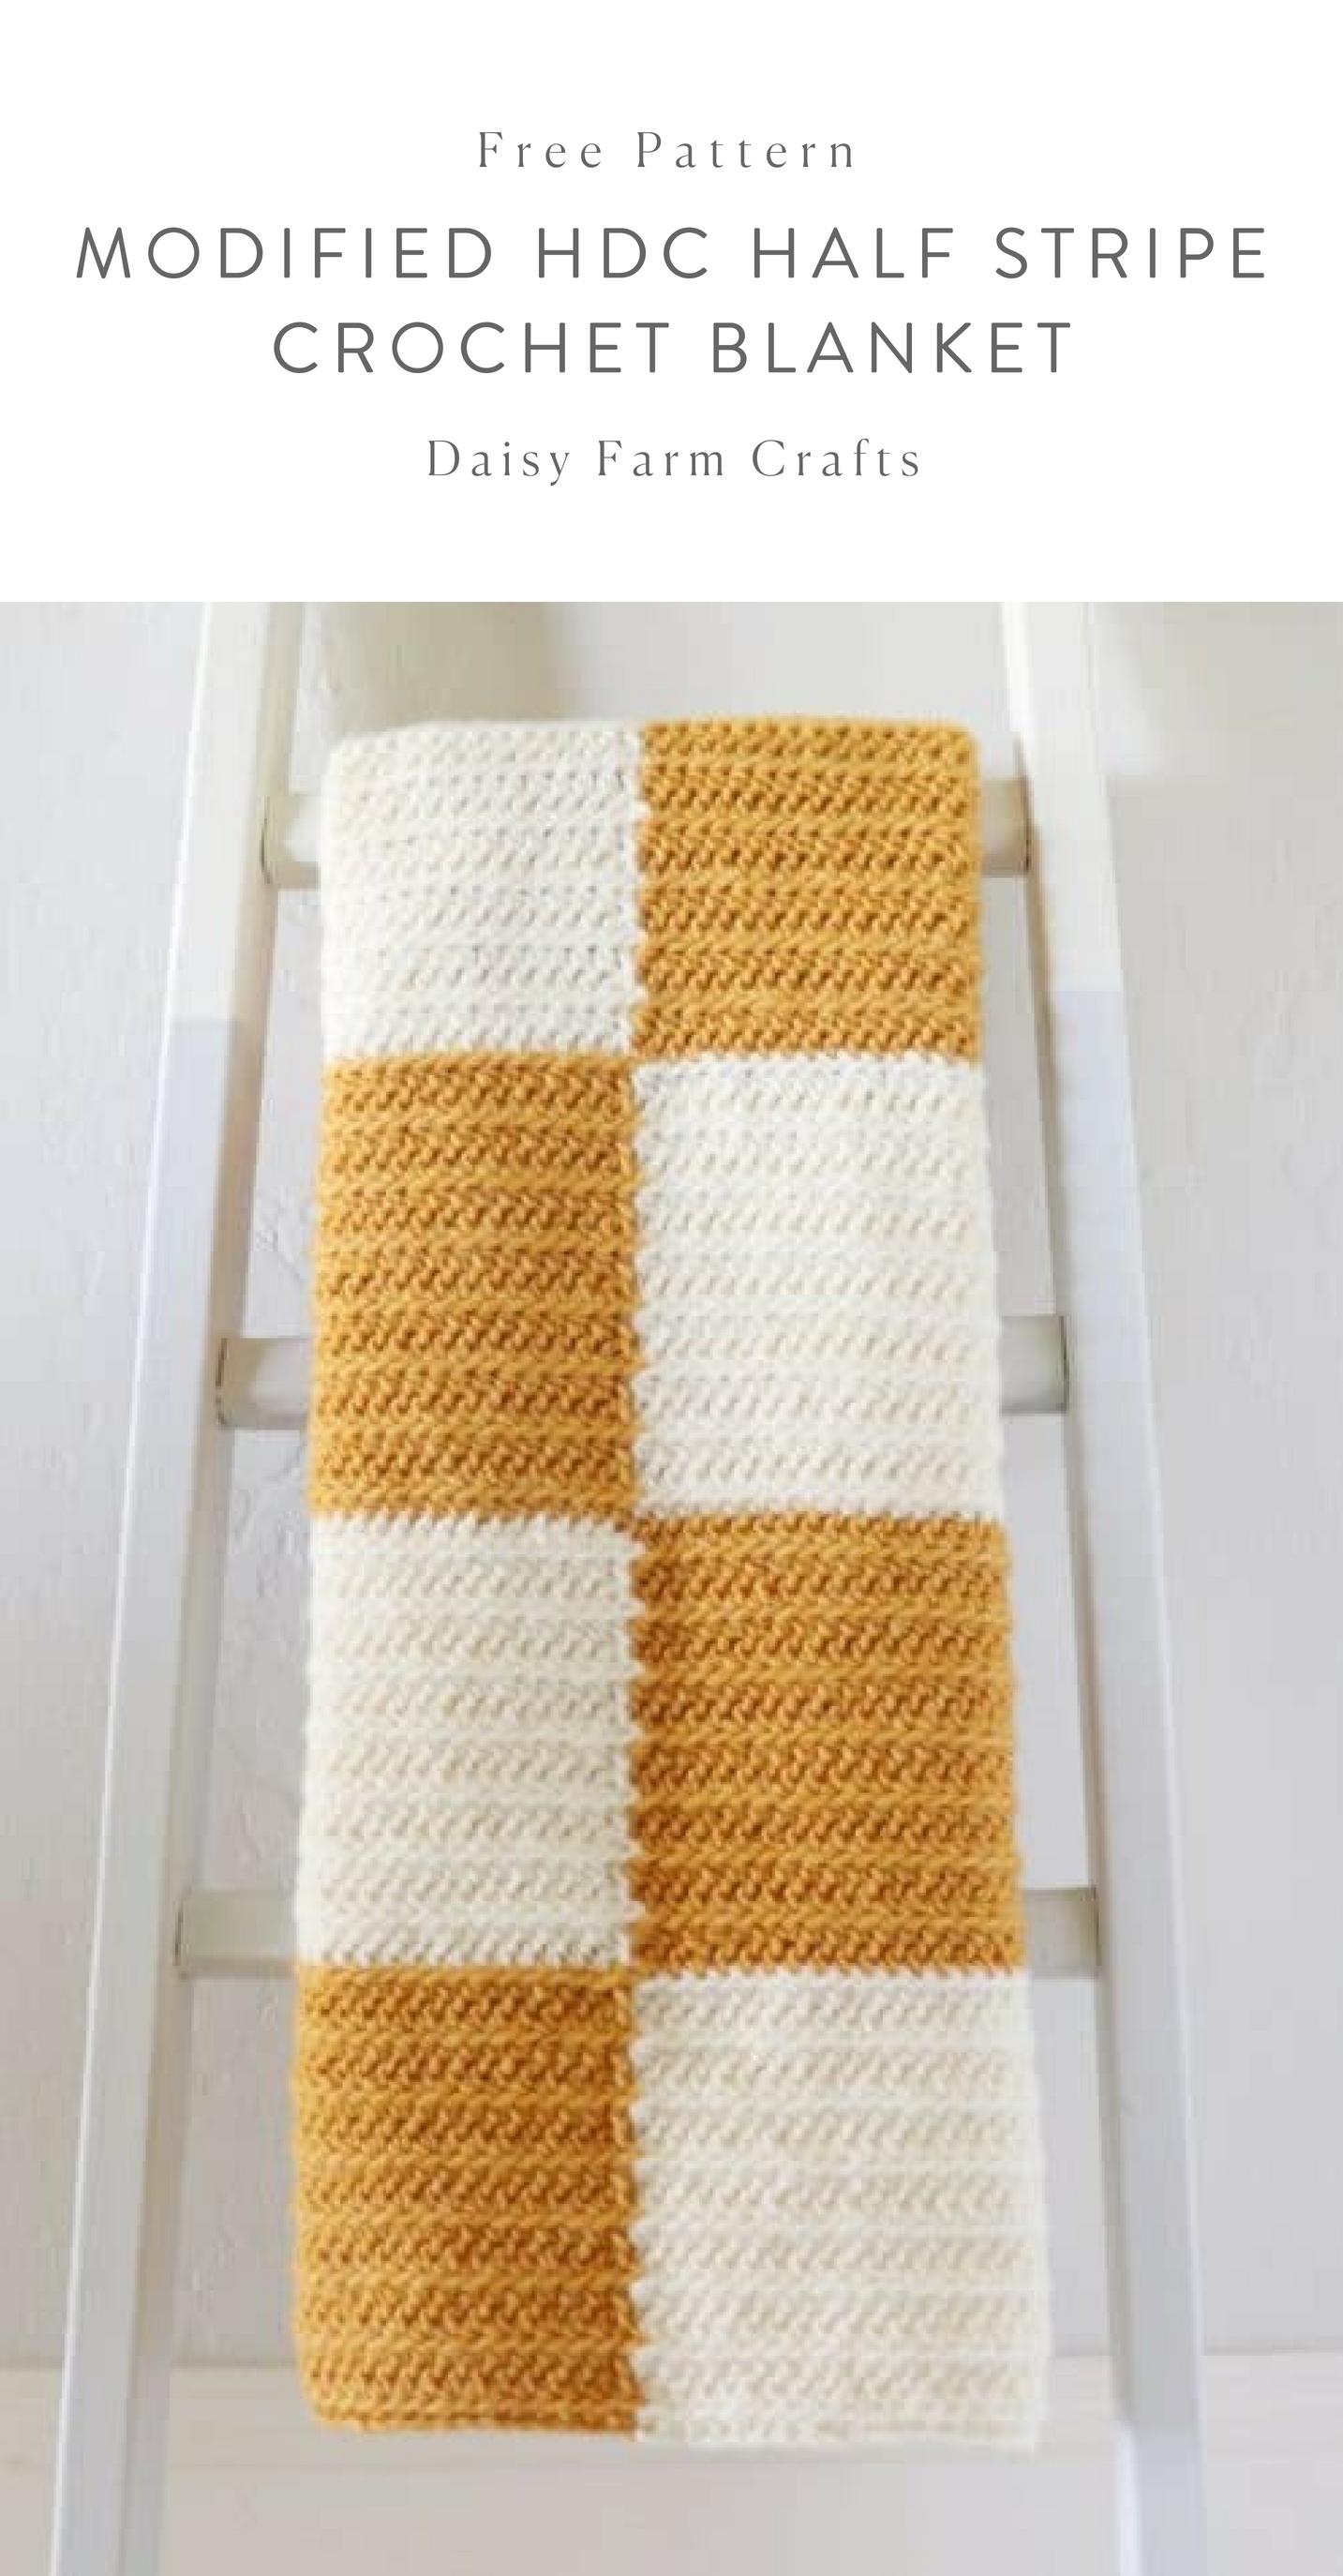 Free Pattern - Modified HDC Half Stripe Crochet Blanket #crochet ...